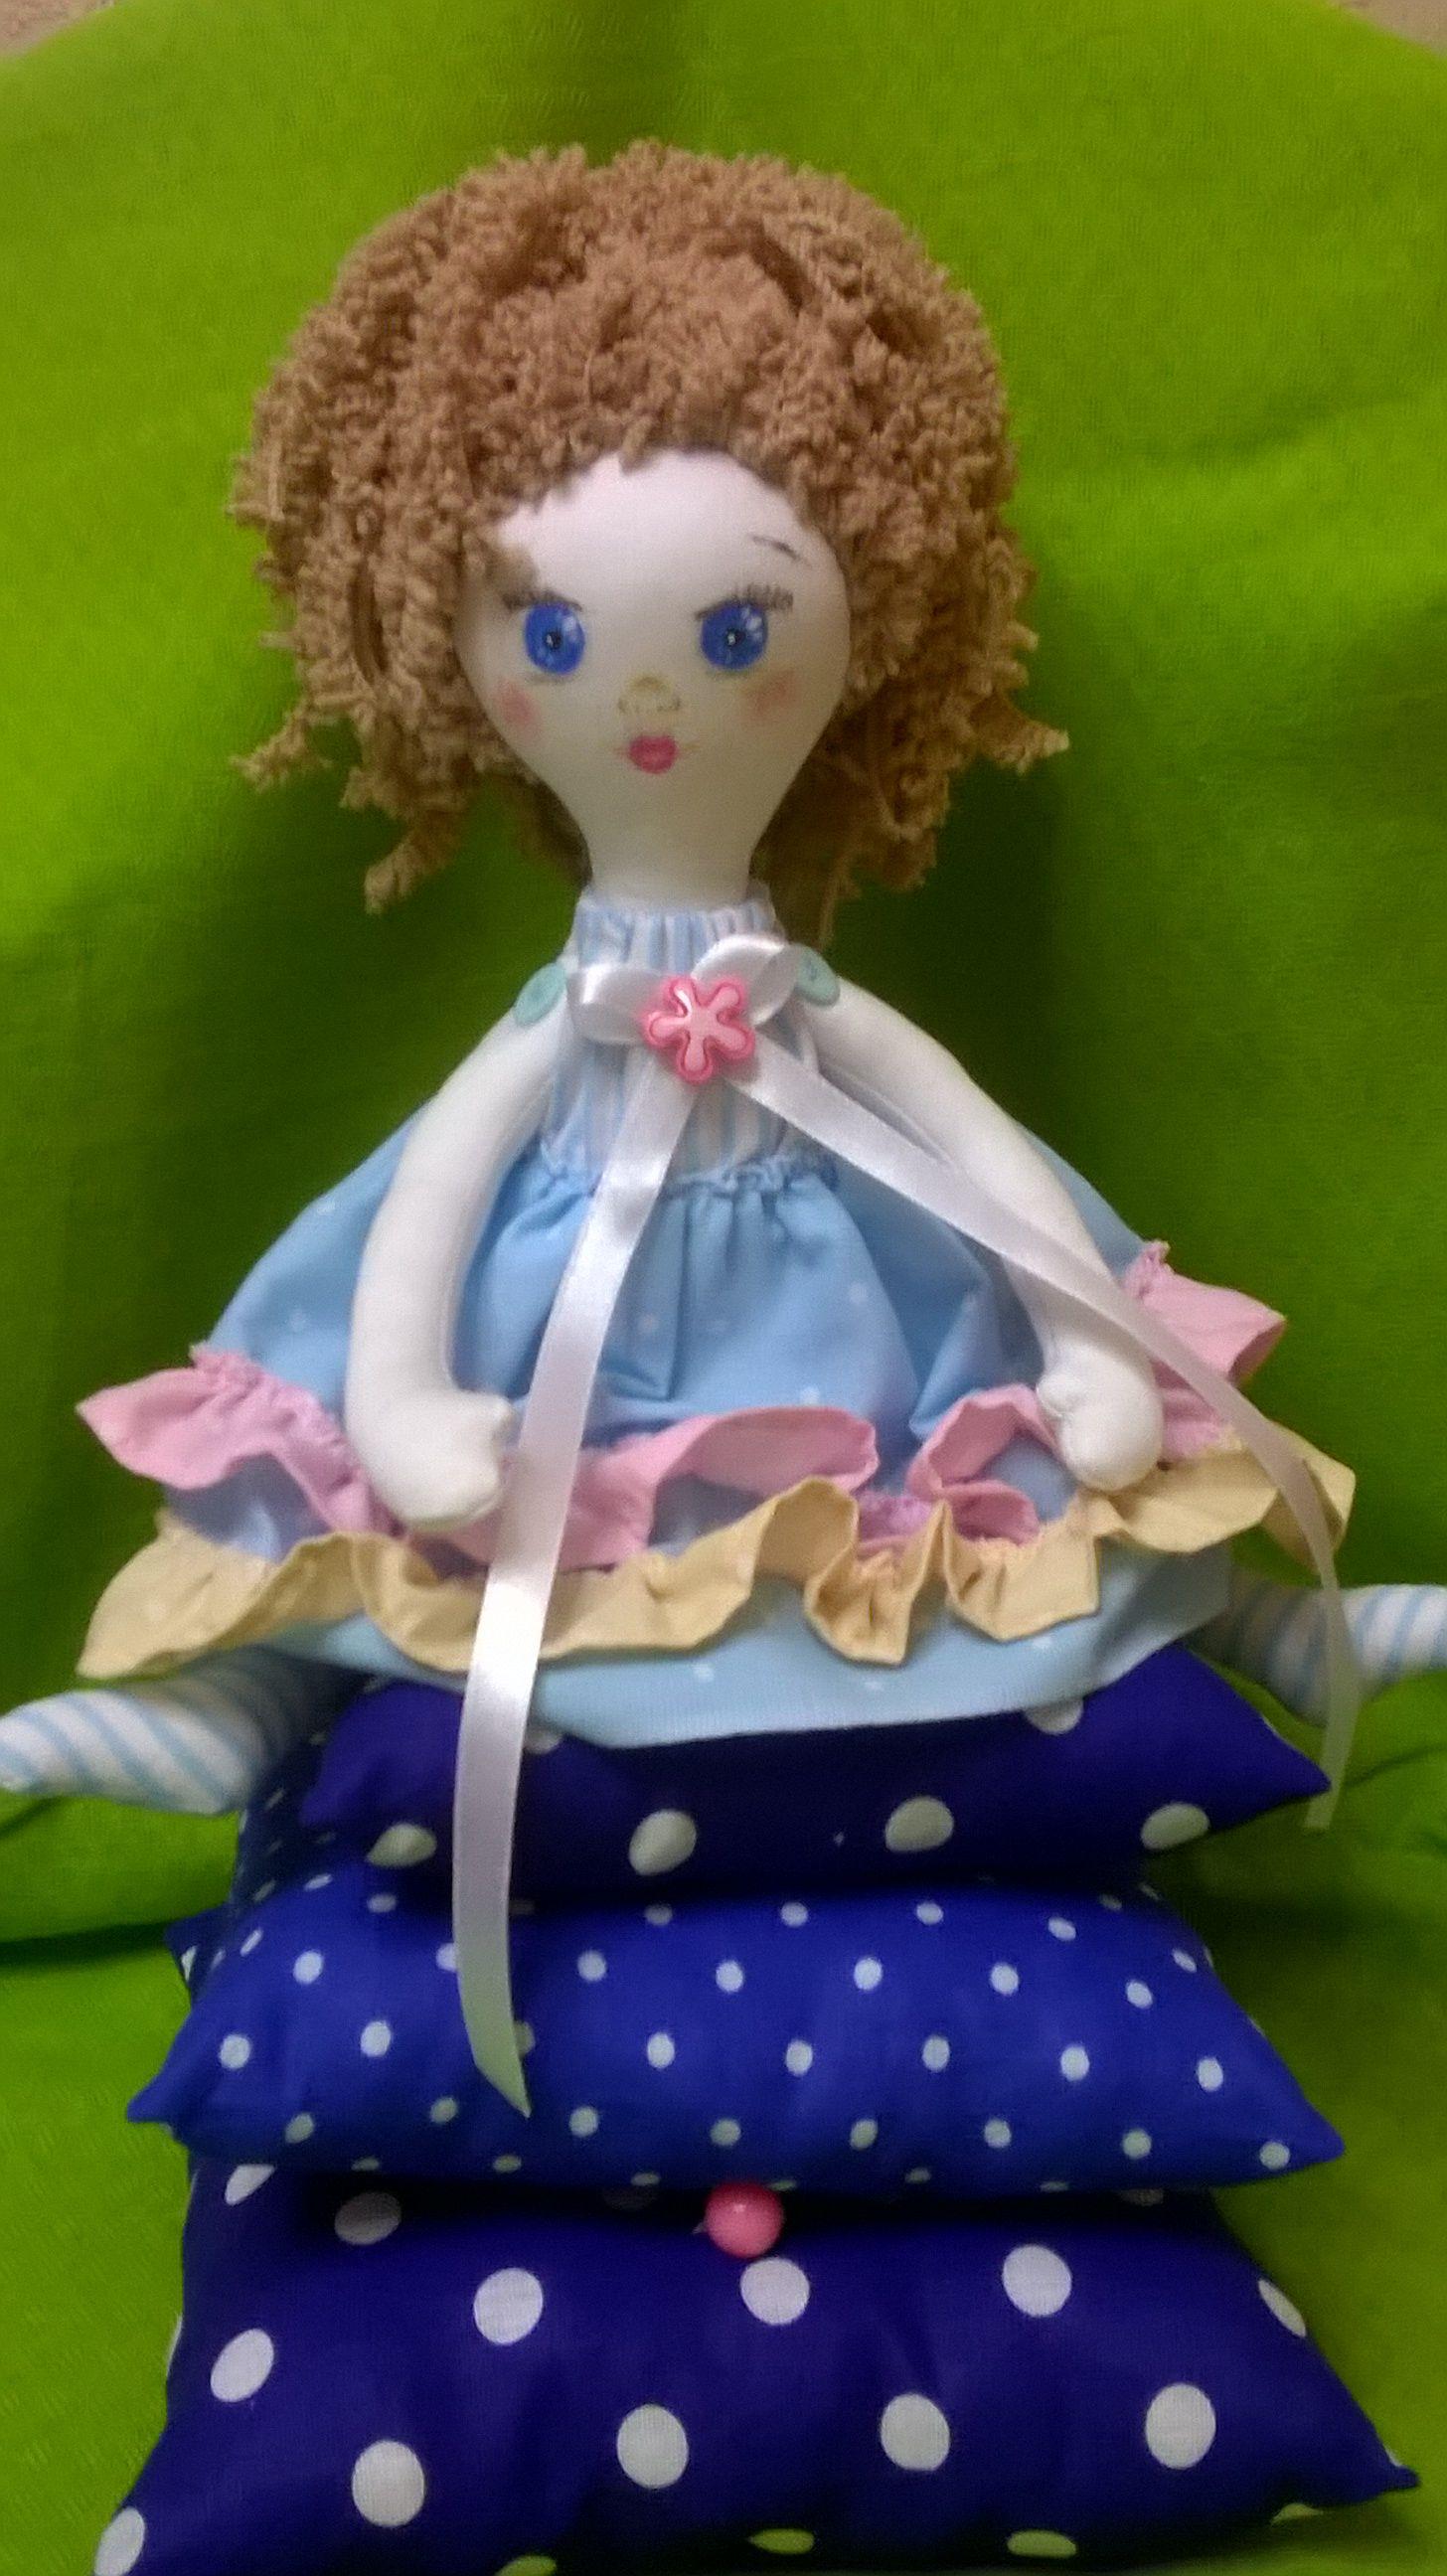 интерьерная игрушка кукла сказочный девочки для персонаж ручной работы подарок